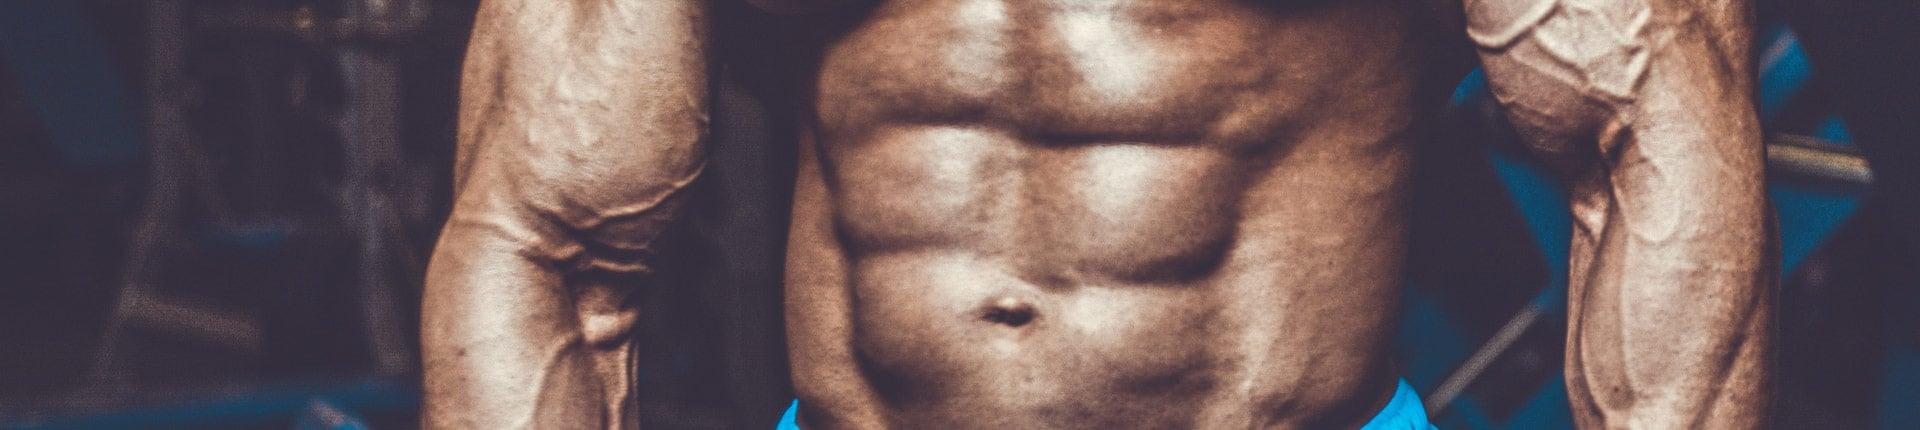 Jak często trenować brzuch? Najlepsze ćwiczenia na brzuch